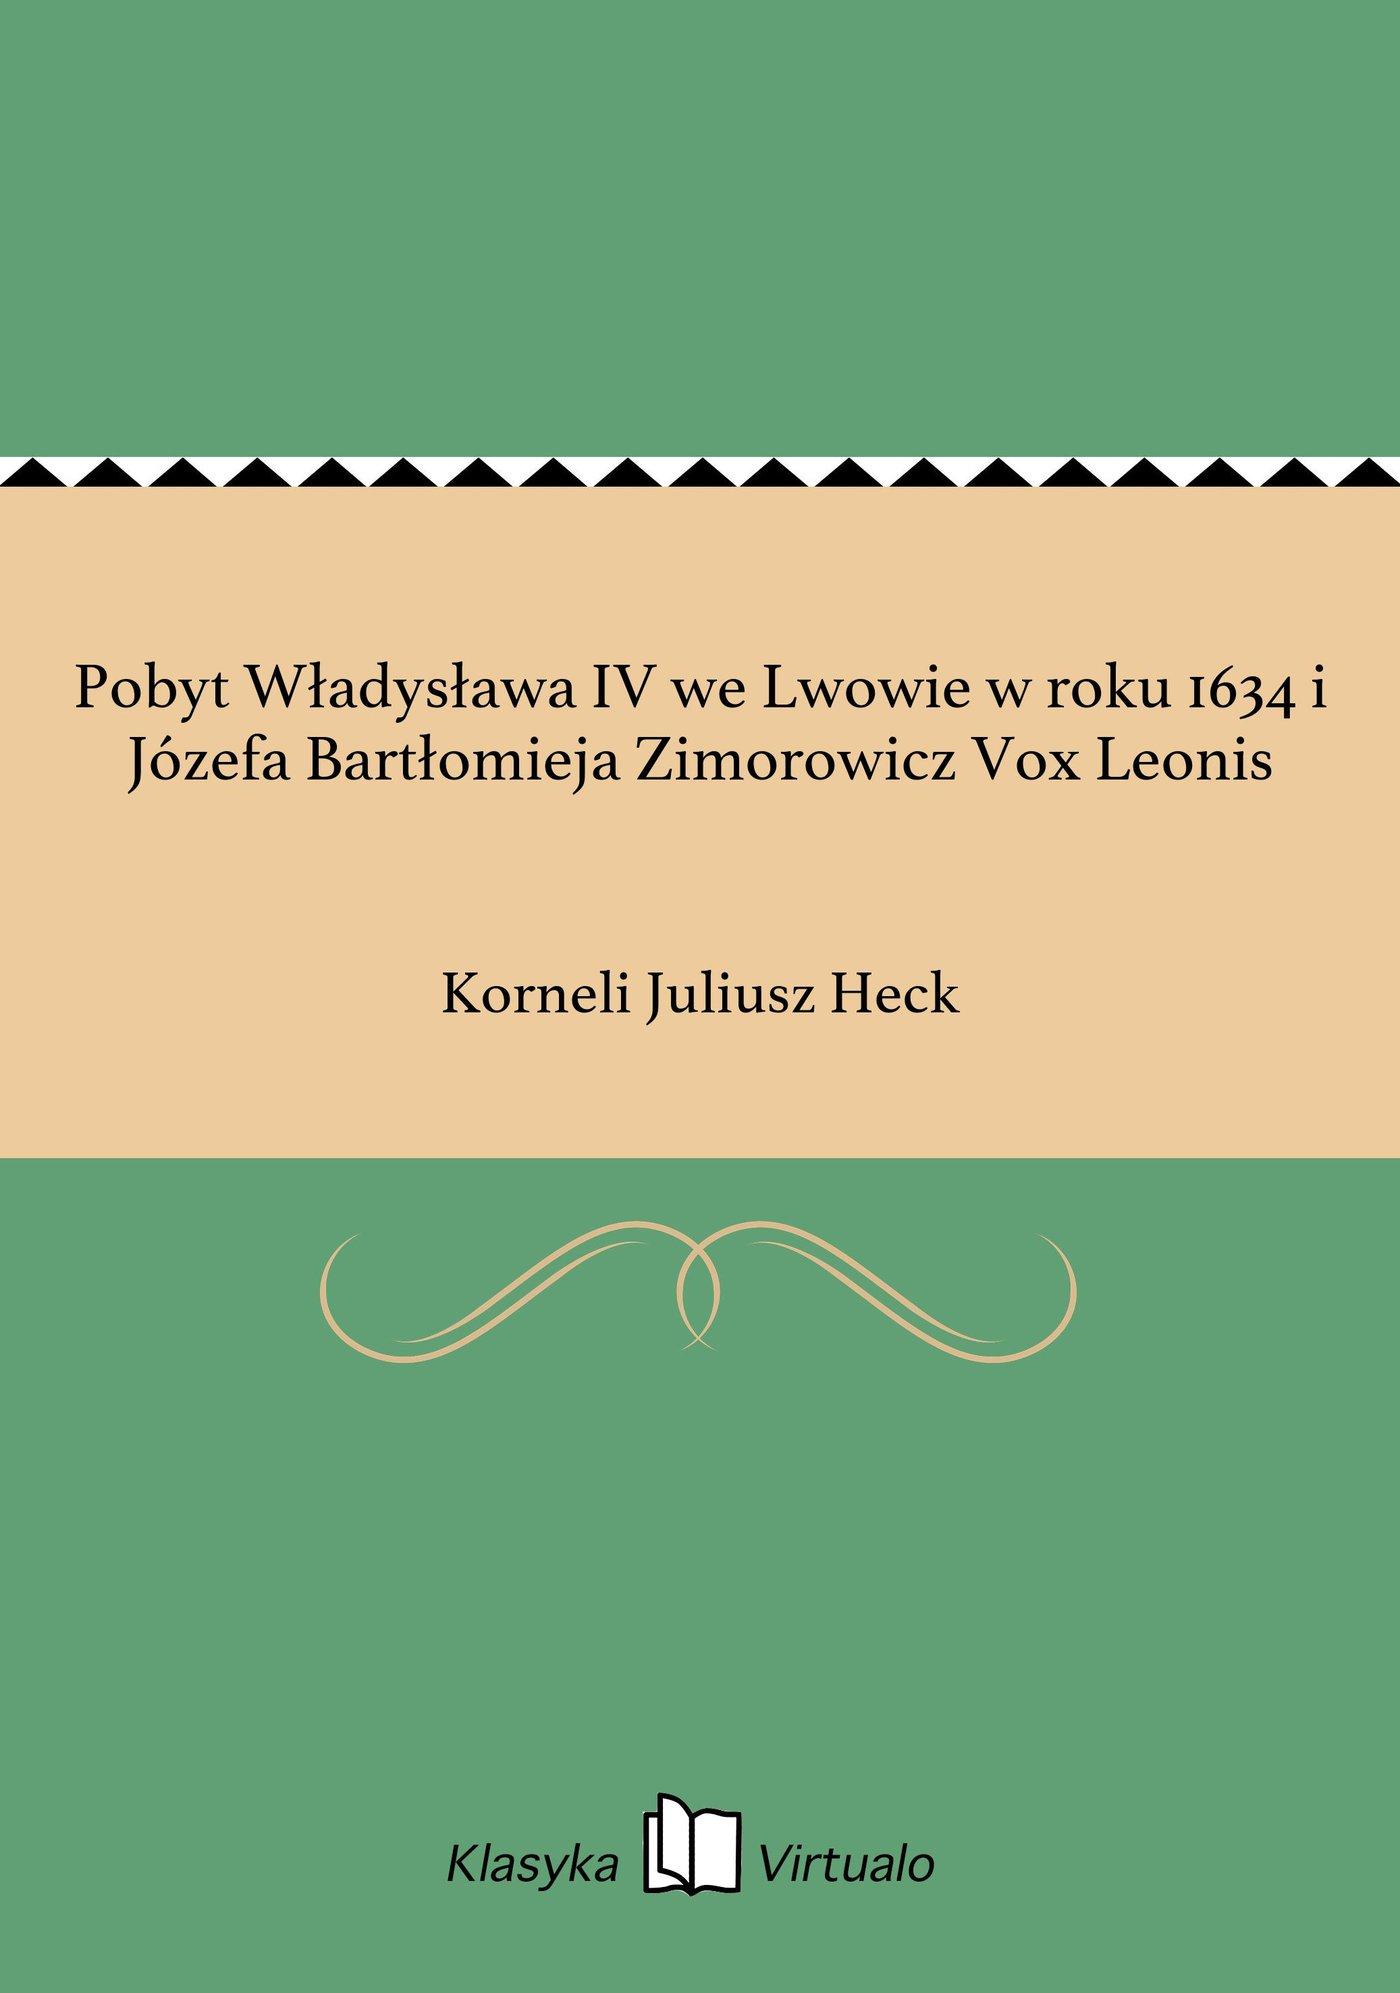 Pobyt Władysława IV we Lwowie w roku 1634 i Józefa Bartłomieja Zimorowicz Vox Leonis - Ebook (Książka EPUB) do pobrania w formacie EPUB